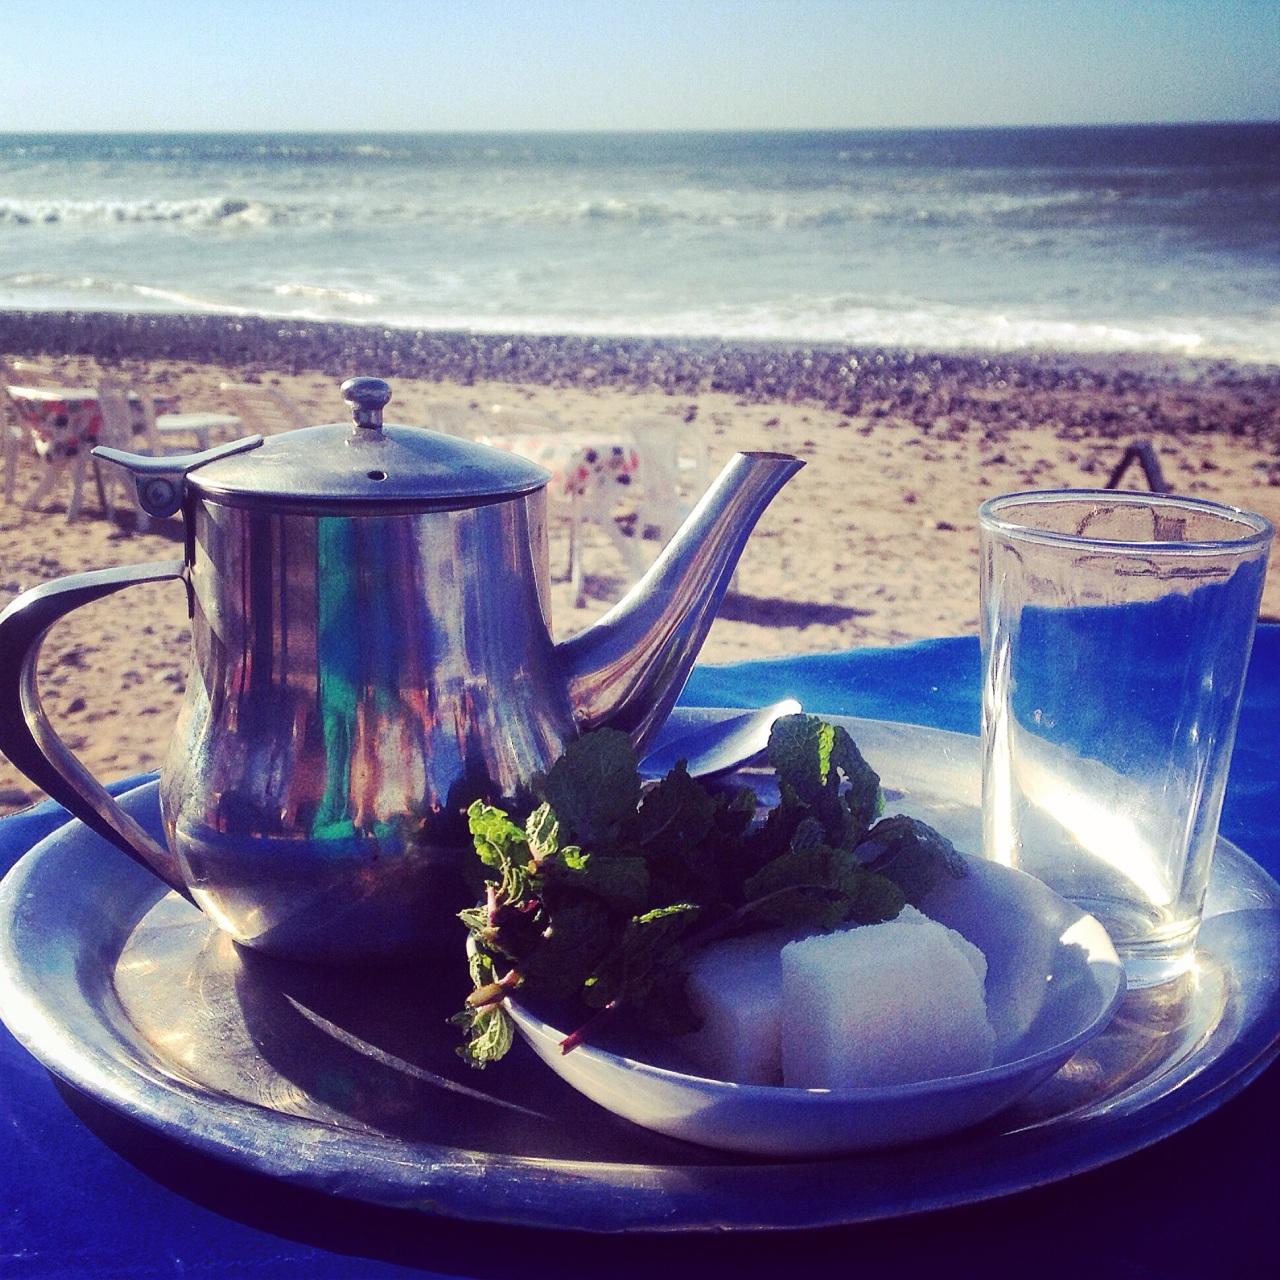 Maroko, herbata marokańska, Legzira, Sidi Ifni,, Martyna Skura, blog podróżniczy, Podróże Obieżyświatki